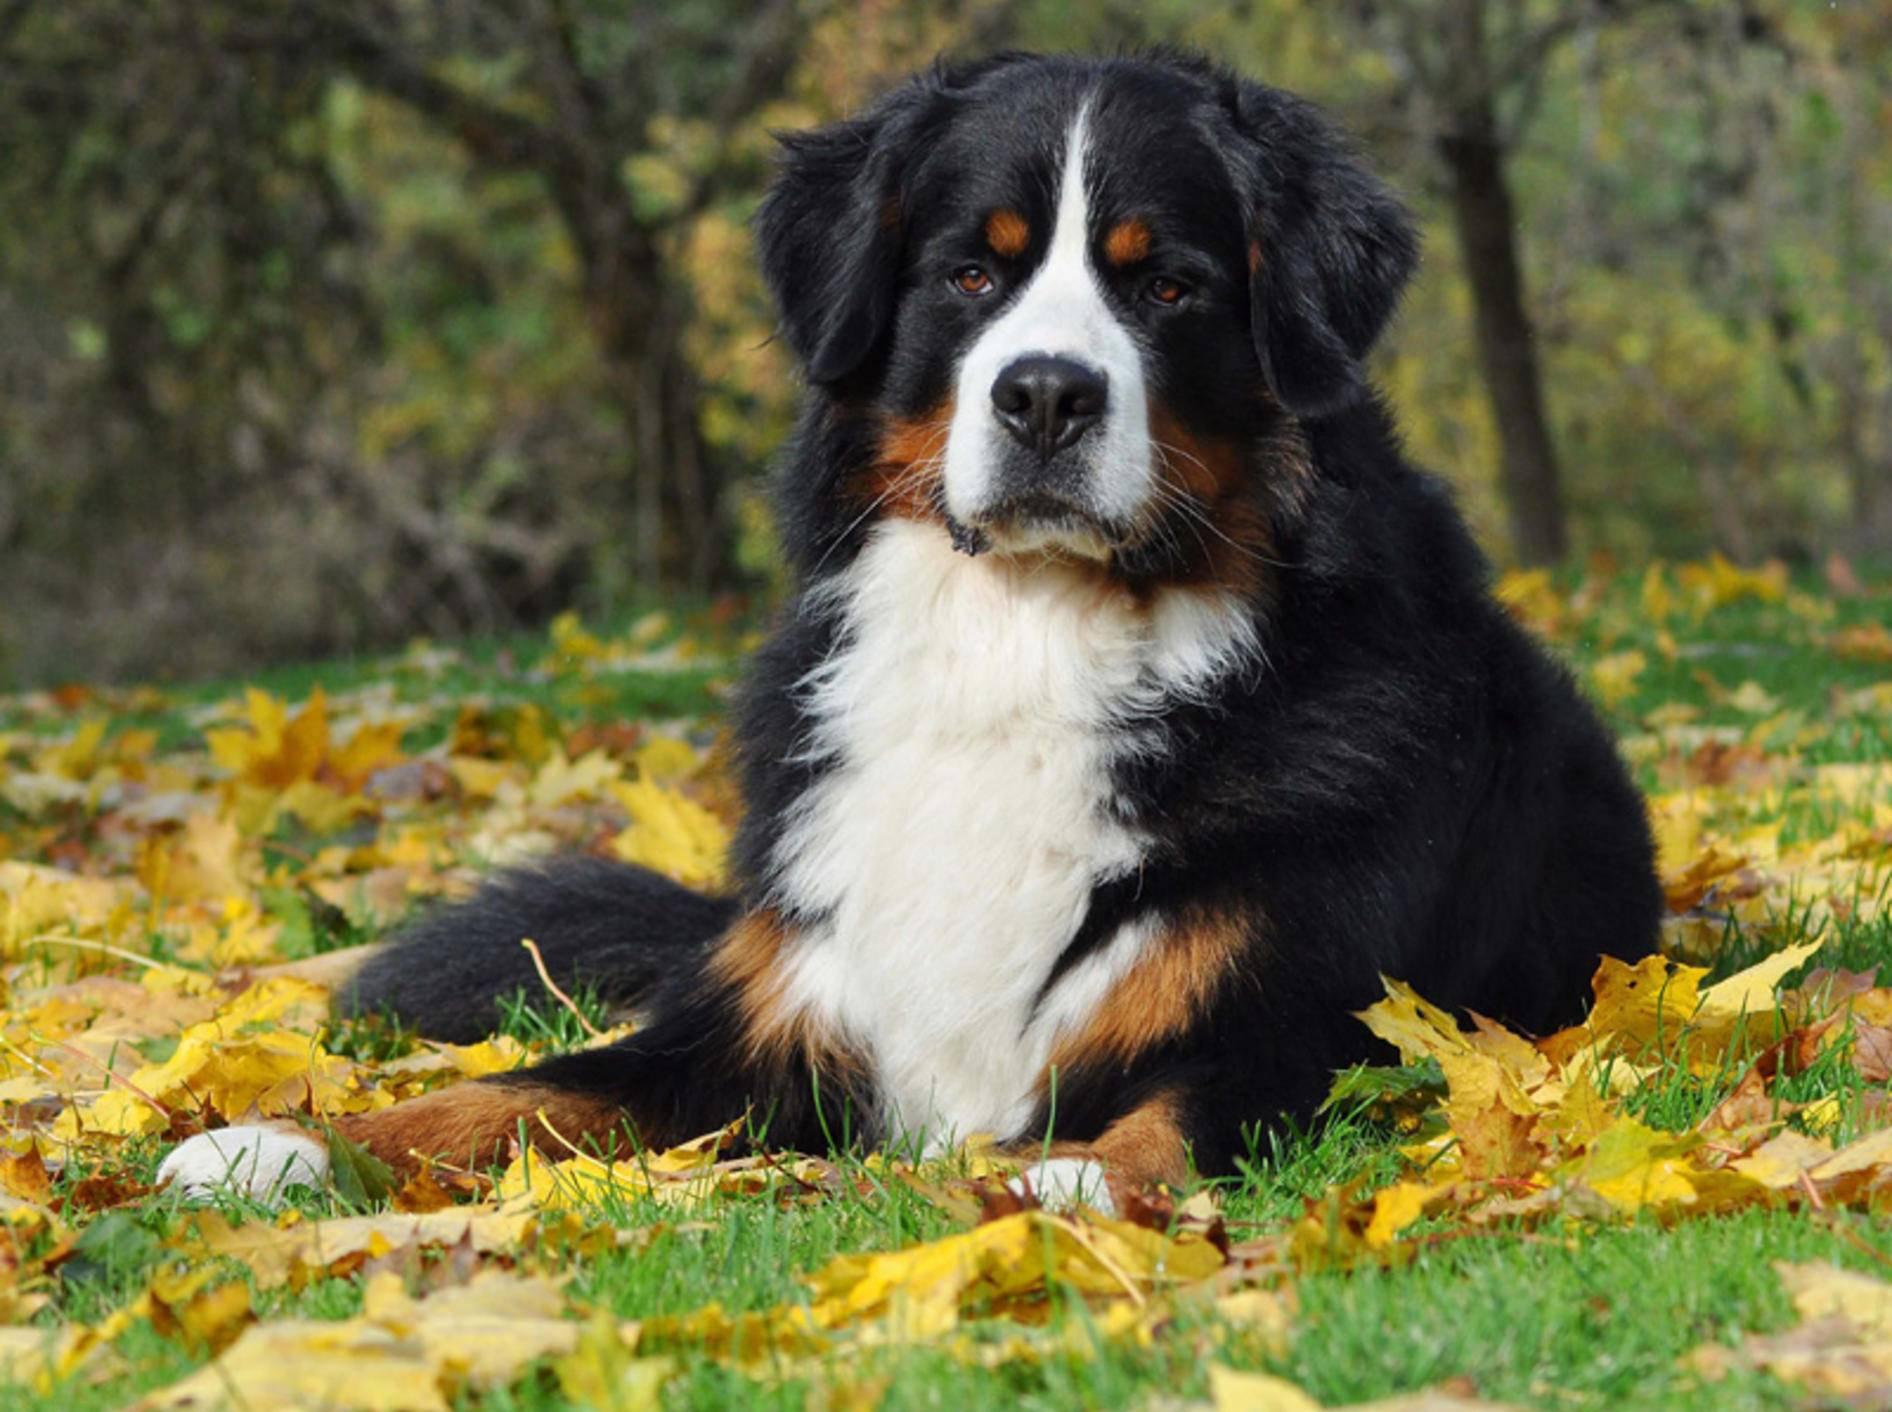 Der Berner Sennenhund gilt als Tier mit hoher Reizschwelle - Bild: Shutterstock / Everita Pane